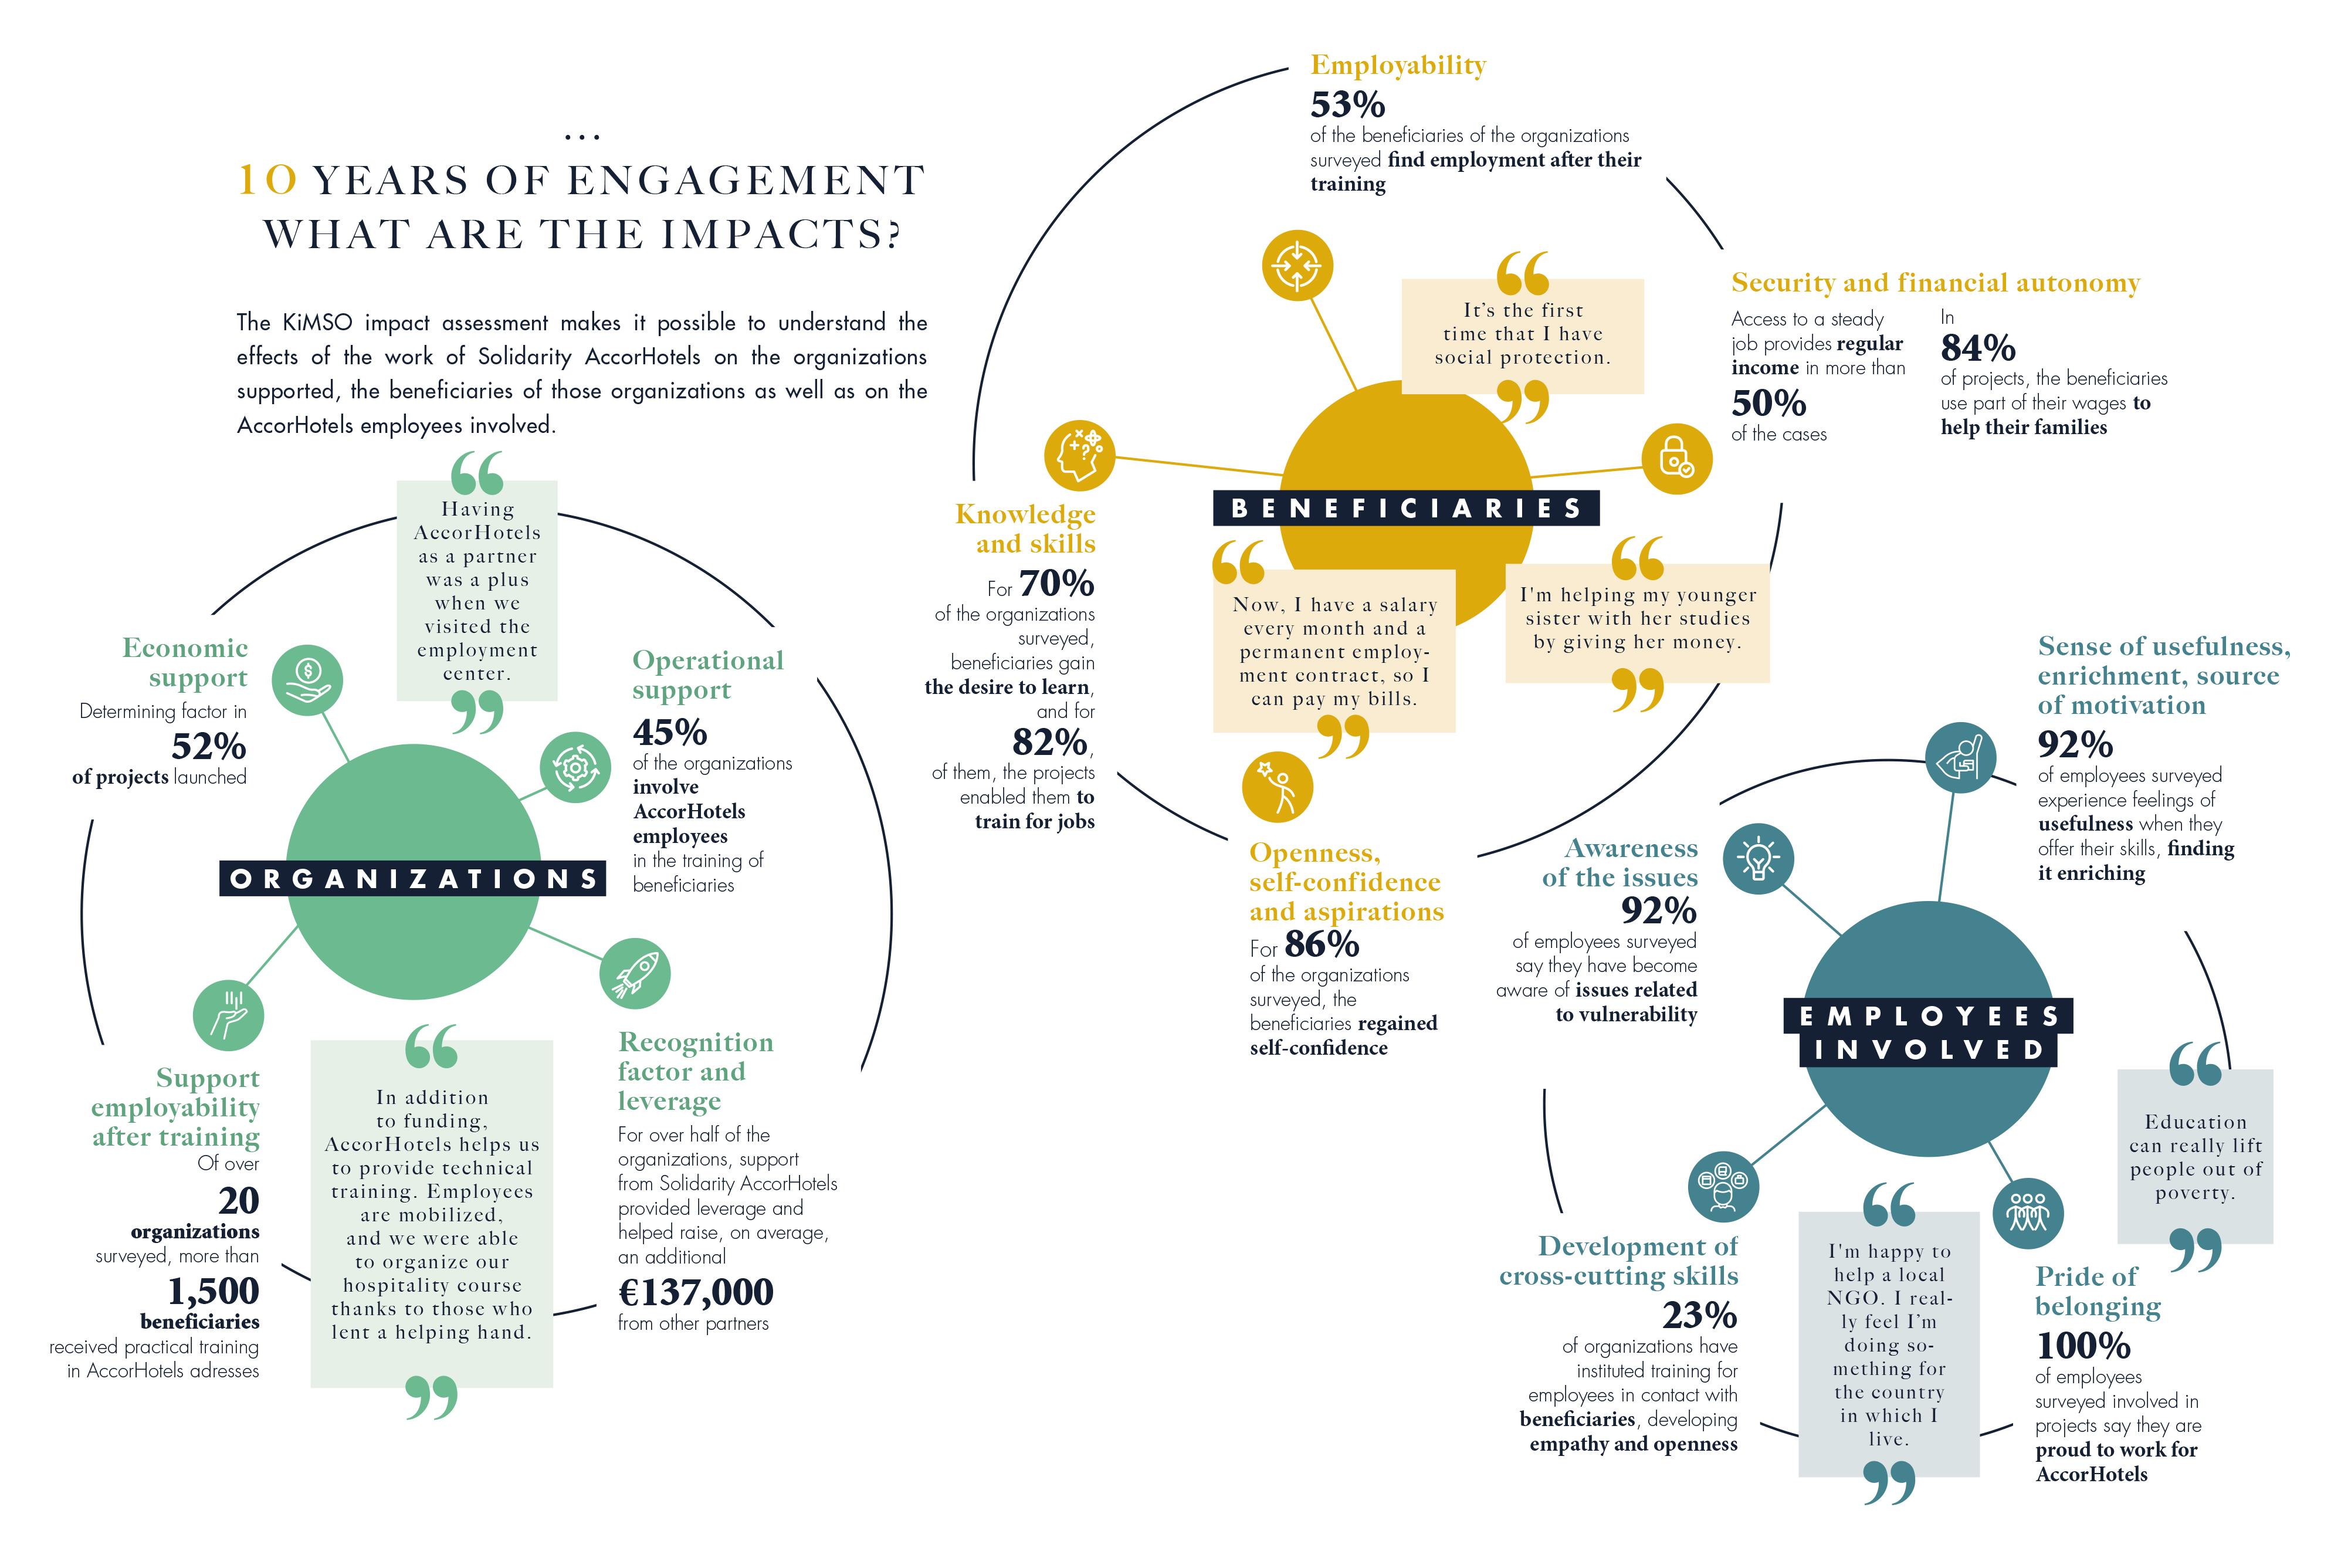 雅高团结基金会回顾往昔,评估了各项活动成果。此次研究重点确定了基金会的活动范围、支持的项目类型,以及支持的性质。结果表明,70%的项目提供的支持涉及职业培养。这些项目的受益者主要为弱势群体,与基金会合作的组织中,80%的组织的受益人生活在贫困线以下。这些人通常为受歧视的无业年轻人。研究结果还显示,基金会各项活动的突出特点是不仅向受益人提供资金支持,还会帮助他们在本地和长远发展层面建立人际关系。各组织的负责人都在雅高酒店集团内部设立了联系点,与雅高员工保持联系,且大多数负责人表示,雅高员工担任志愿者是其与基金会合作的一大优势。 | On the occasion of its tenth anniversary, Solidarity AccorHotels wanted to measure the results of its activities. In particular, the study confirmed the scope of the fund's activities, the type of projects supported and the nature of its support. As such, 70% of the projects provided some form of support in relation to professional integration. The beneficiaries of the organizations supported are predominantly disadvantaged people (living below the poverty line for 80% of the organizations), who are often young, unemployed and stigmatized. The study also highlighted the standout feature of Solidarity AccorHotels' efforts, namely a commitment that goes beyond just financial support and incorporates the human connection, both at local level and over the long-term. Heads of organizations have a point of contact within AccorHotels and are also liaising with other employees. Moreover, a majority of heads of organizations cite the involvement of employee volunteers as one of the main strengths of their partnership.